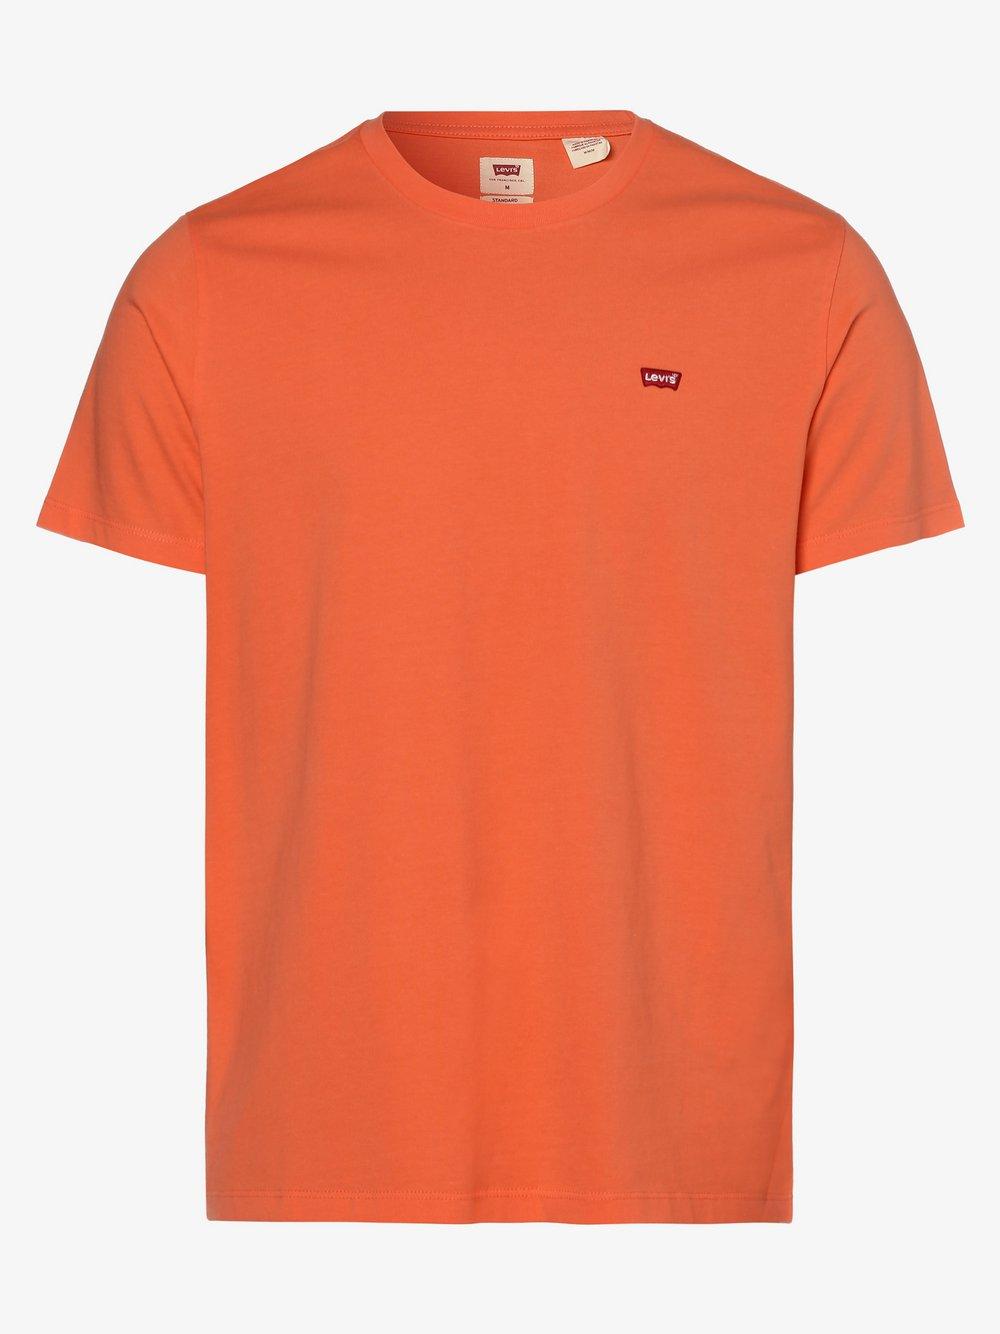 Levi's - T-shirt męski, czerwony